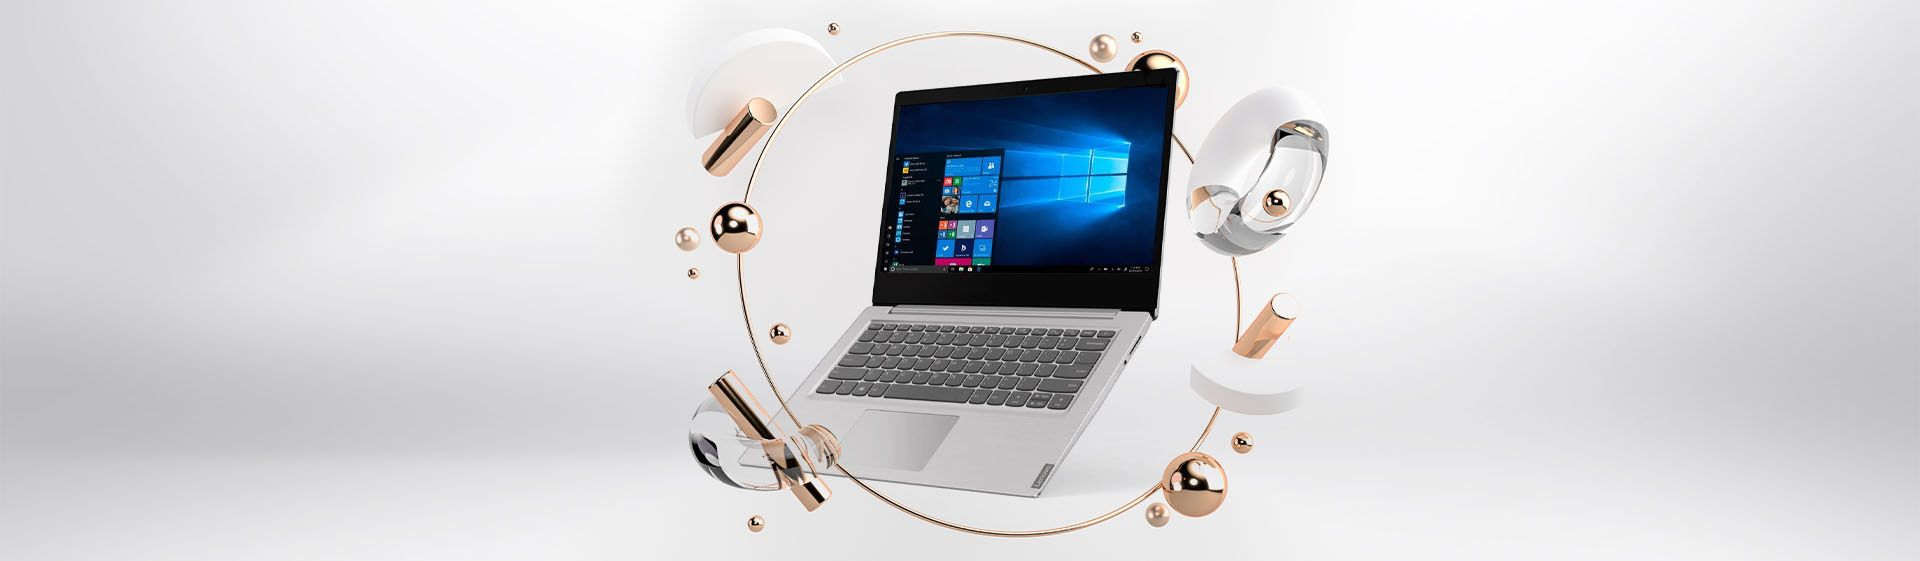 Notebooks mais vendidos em outubro de 2020: IdeaPad S145 domina